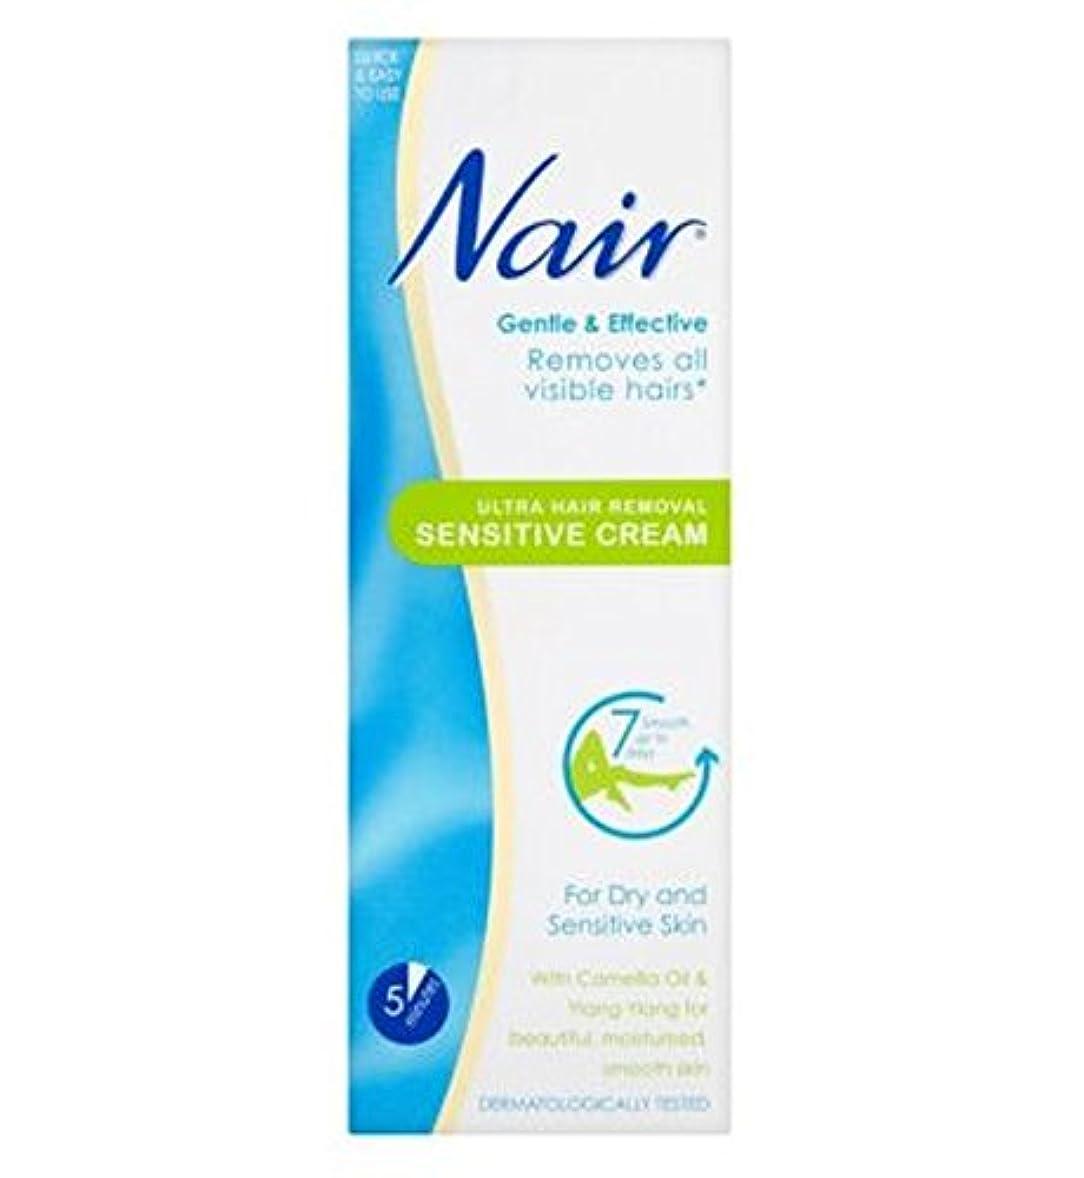 レールひどく多様性Nair Sensitive Hair Removal Cream 200ml - Nairさん敏感な脱毛クリーム200ミリリットル (Nair) [並行輸入品]